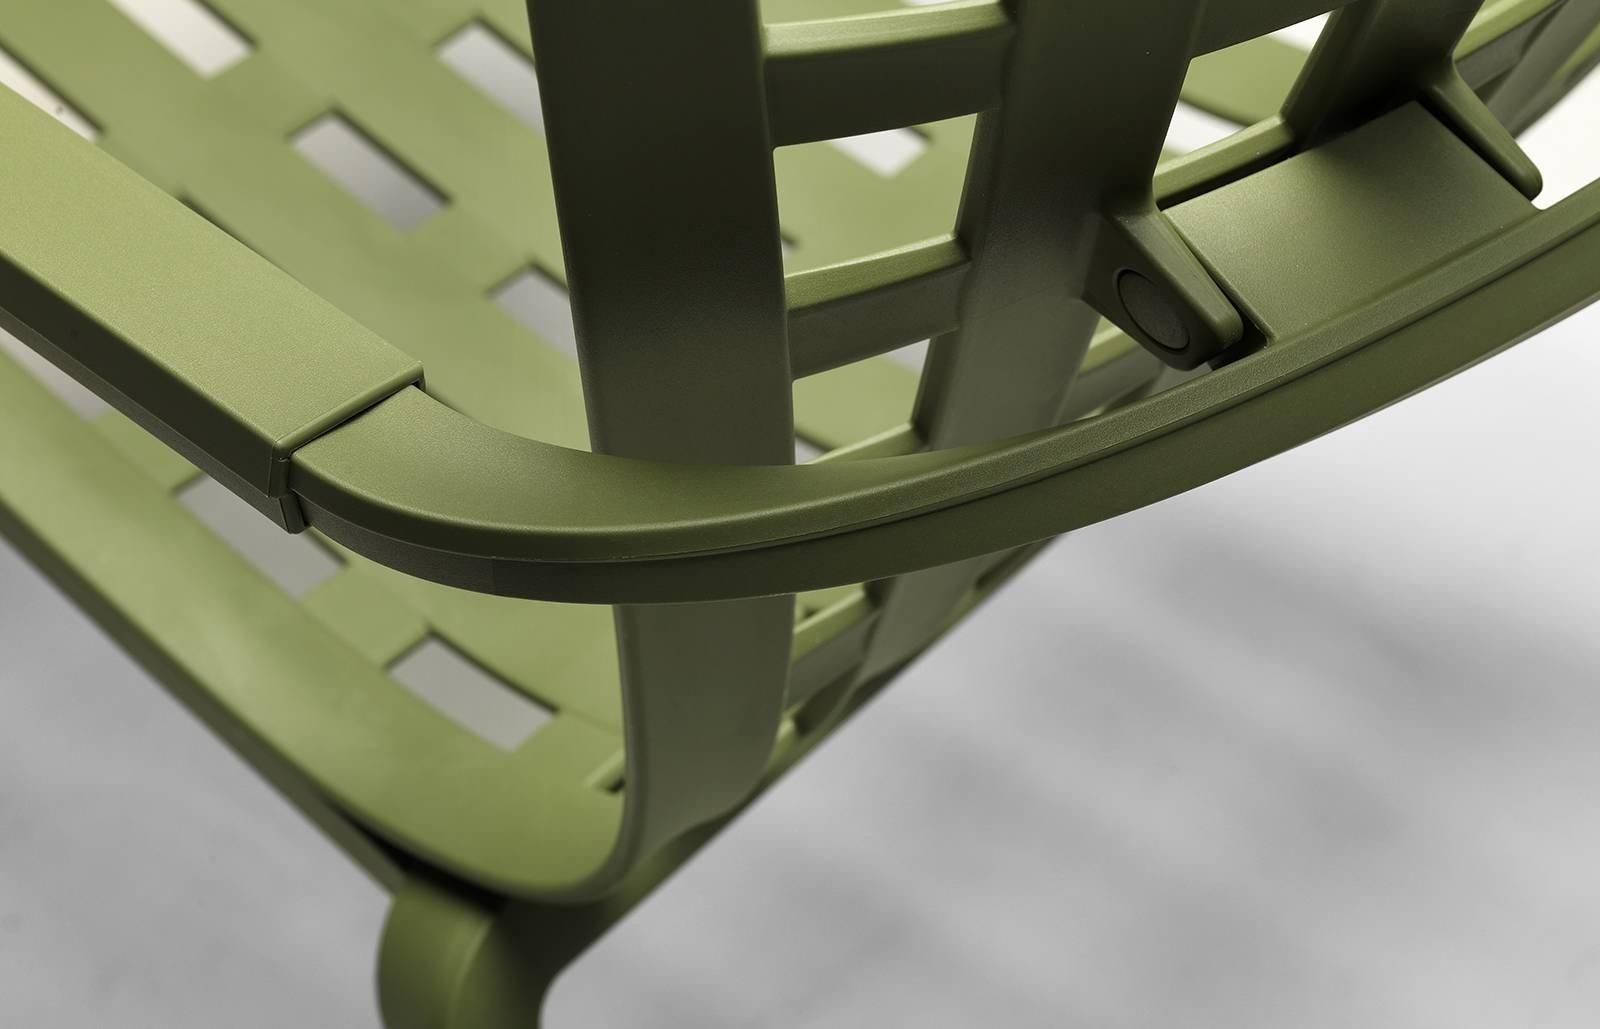 Fotel z podłokietnikami Folio antracyt - zdjęcie nr 3